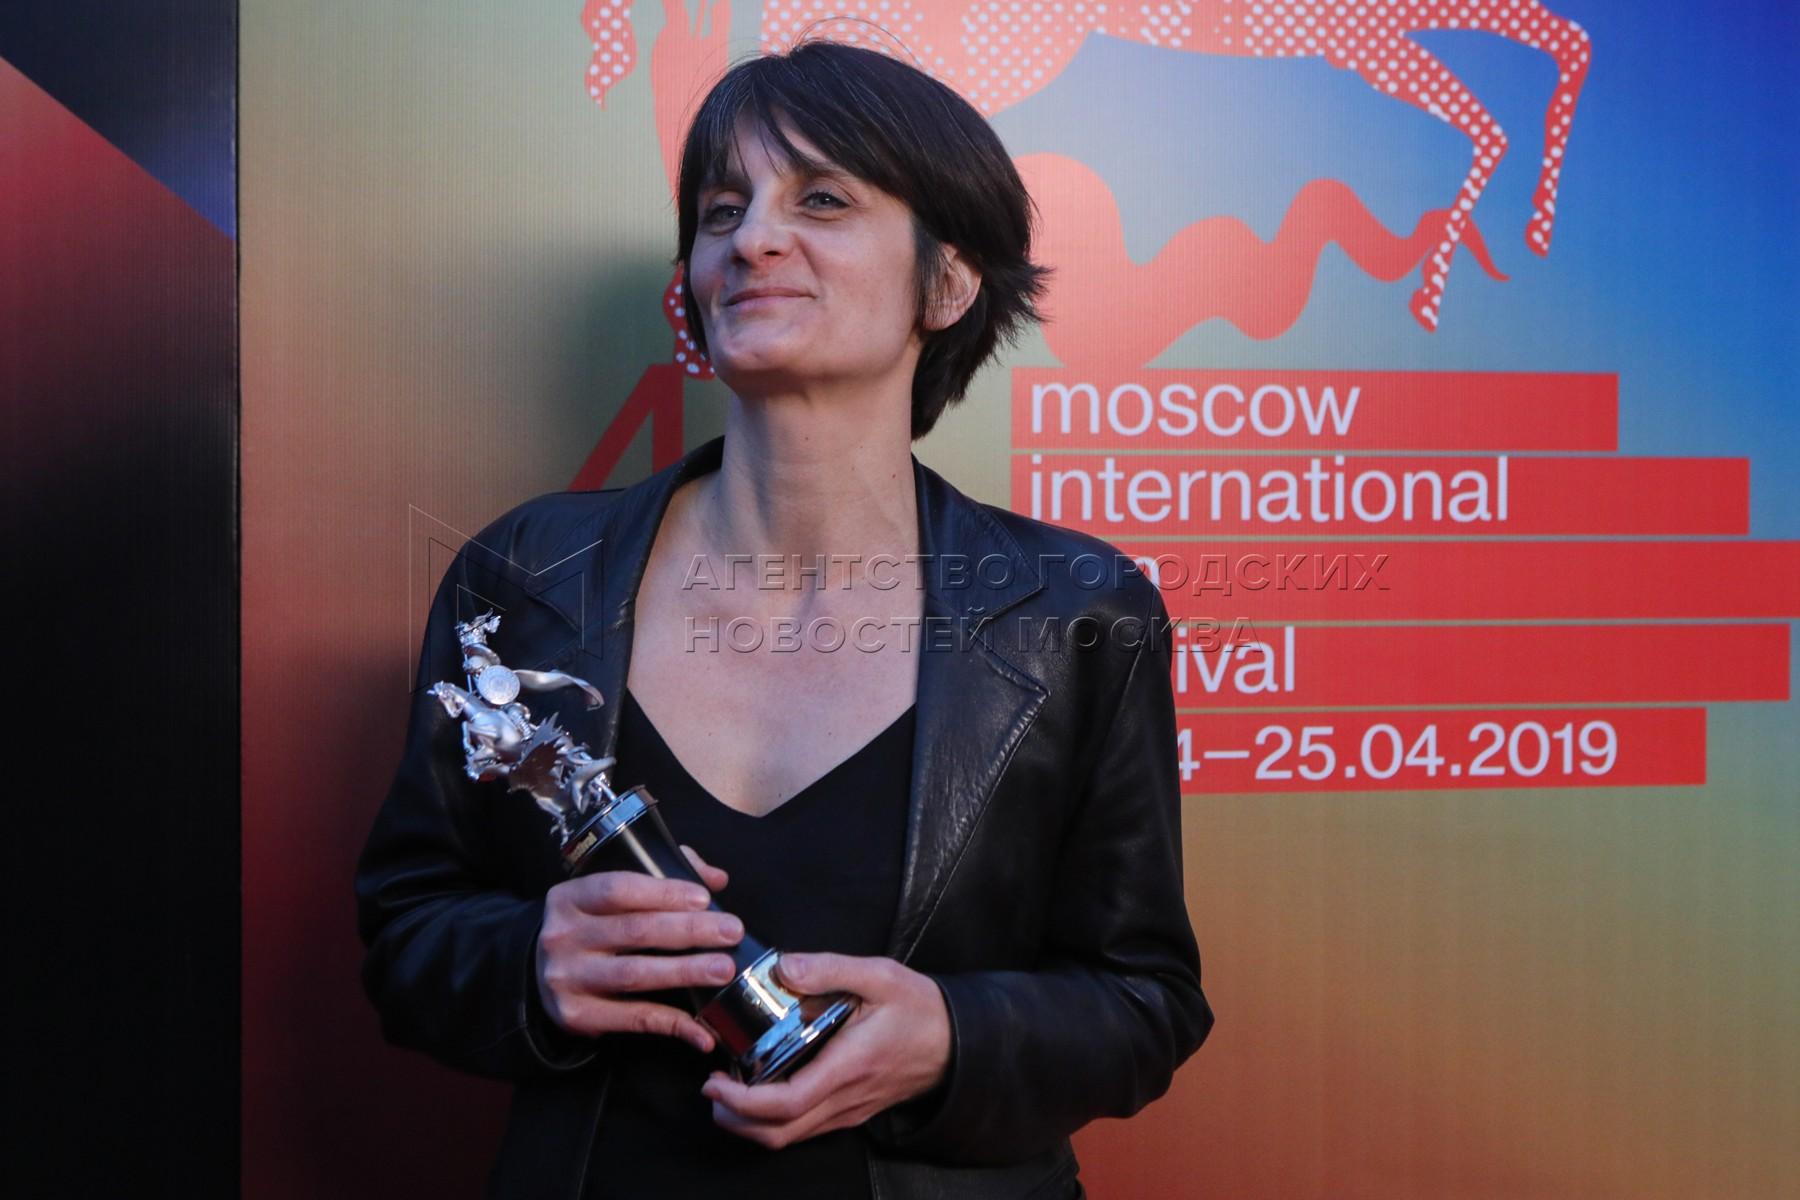 Заместитель советника по сотрудничеству и культуре посольства Франции в России Элизабет Браун, получившая награду за режиссера Дельфин Деложе, победившую в конкурсе короткометражного кино с фильмом «Тигр» на церемонии закрытия 41-го Московского международного кинофестиваля.